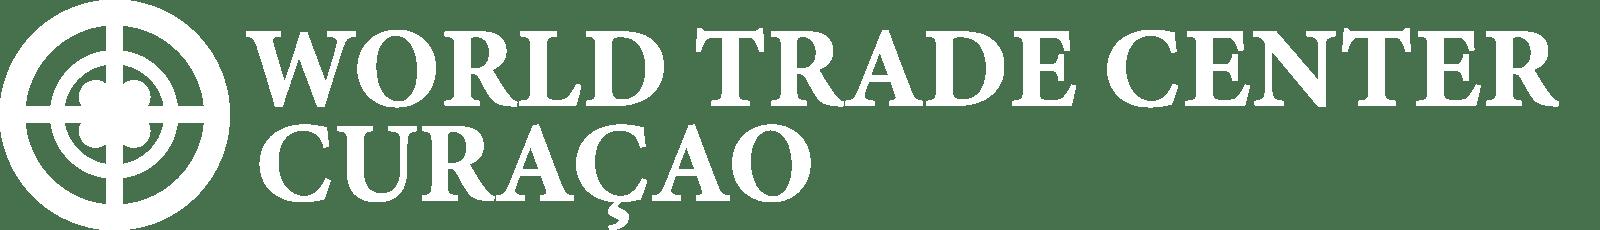 WTC transparent logo